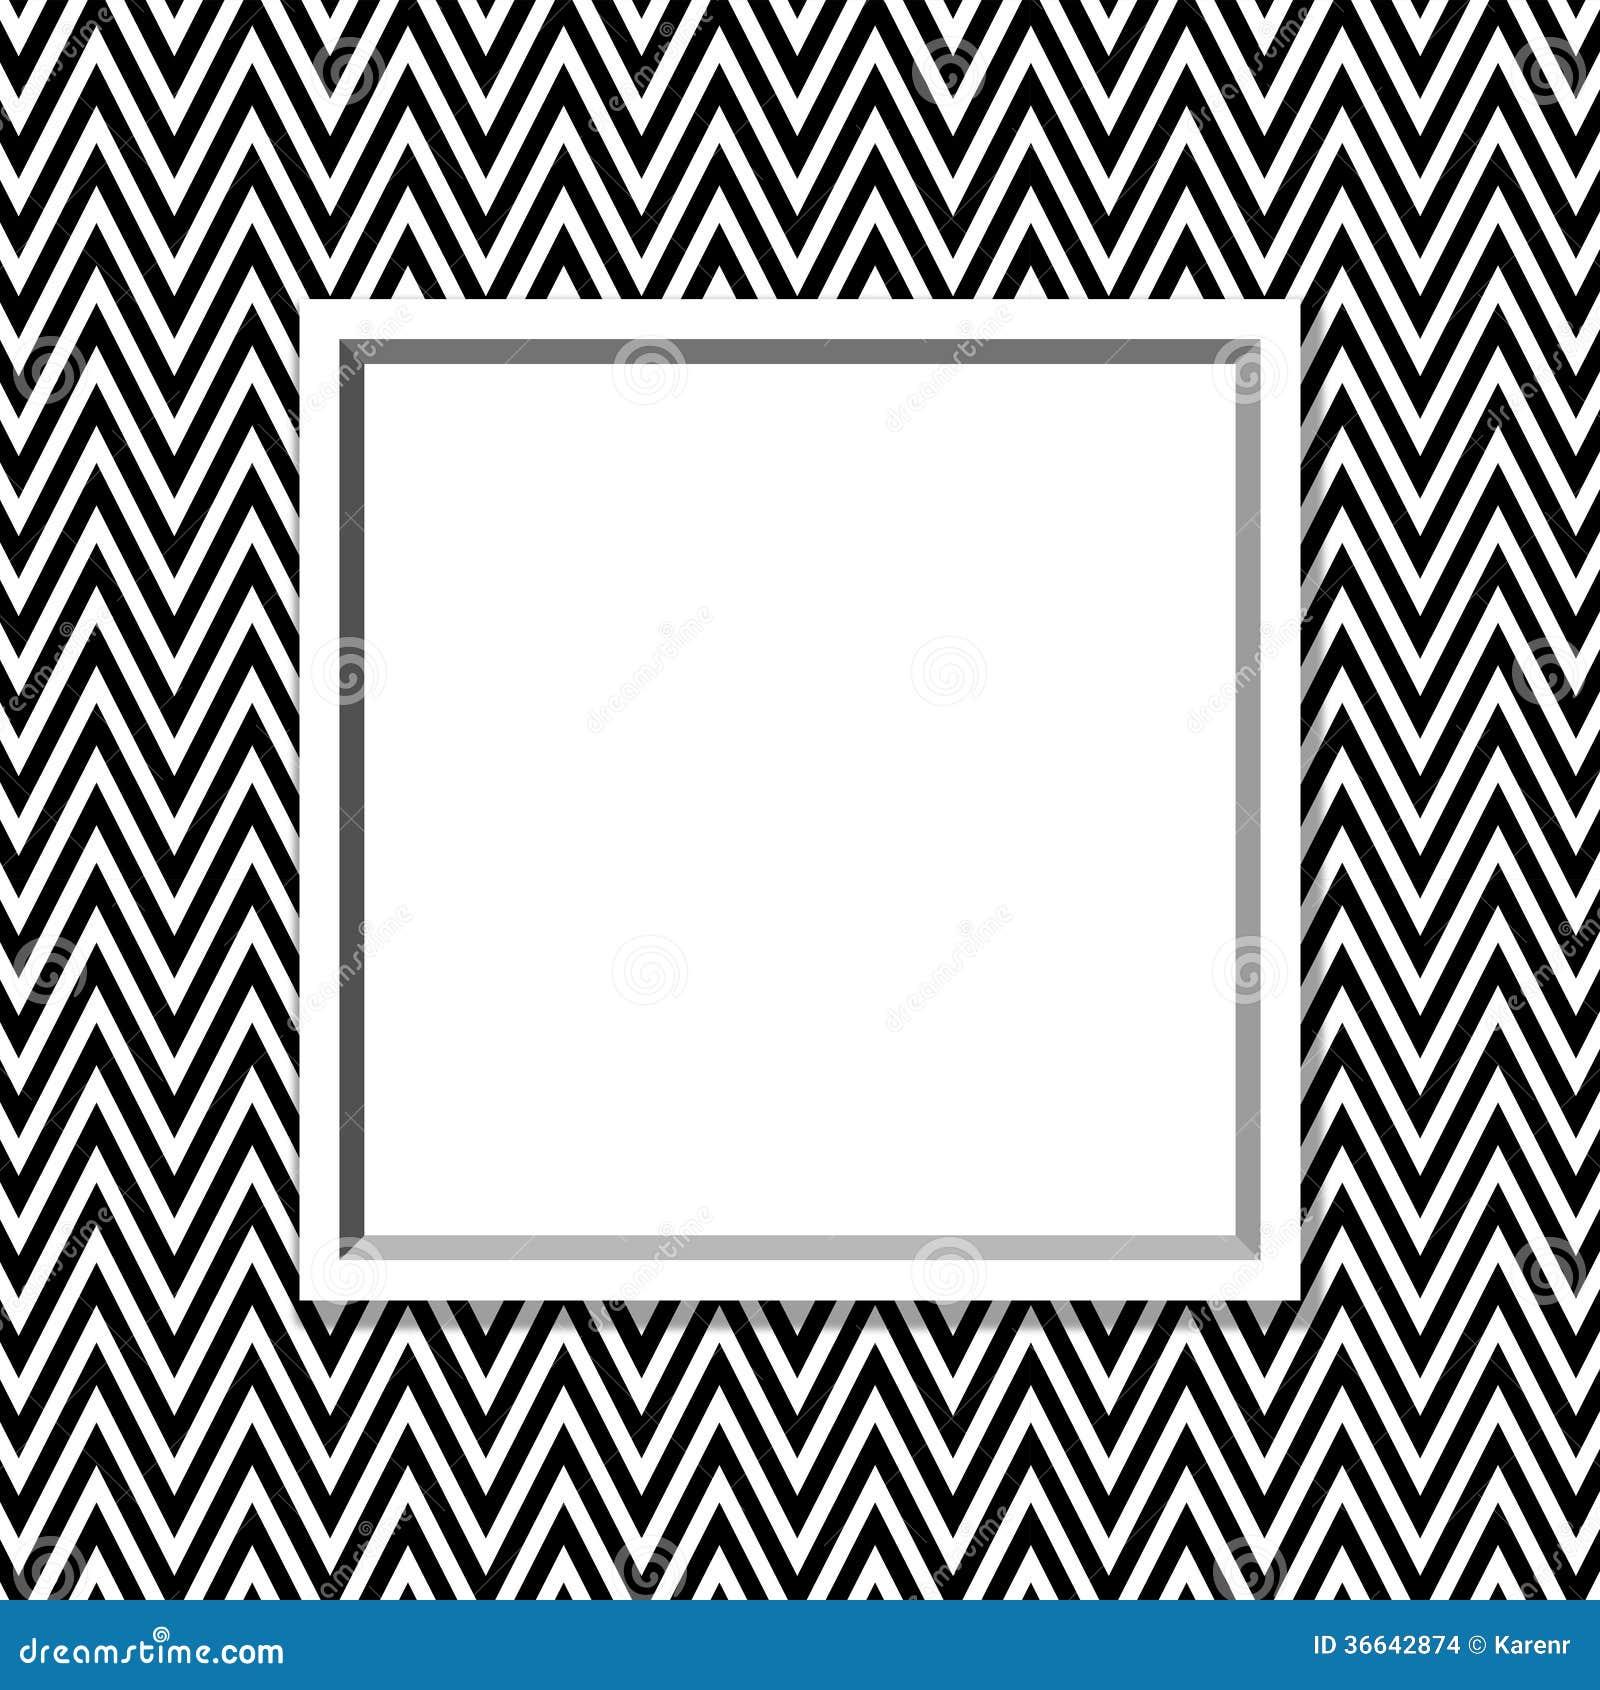 cadre noir et blanc de chevron avec le fond de cadre. Black Bedroom Furniture Sets. Home Design Ideas